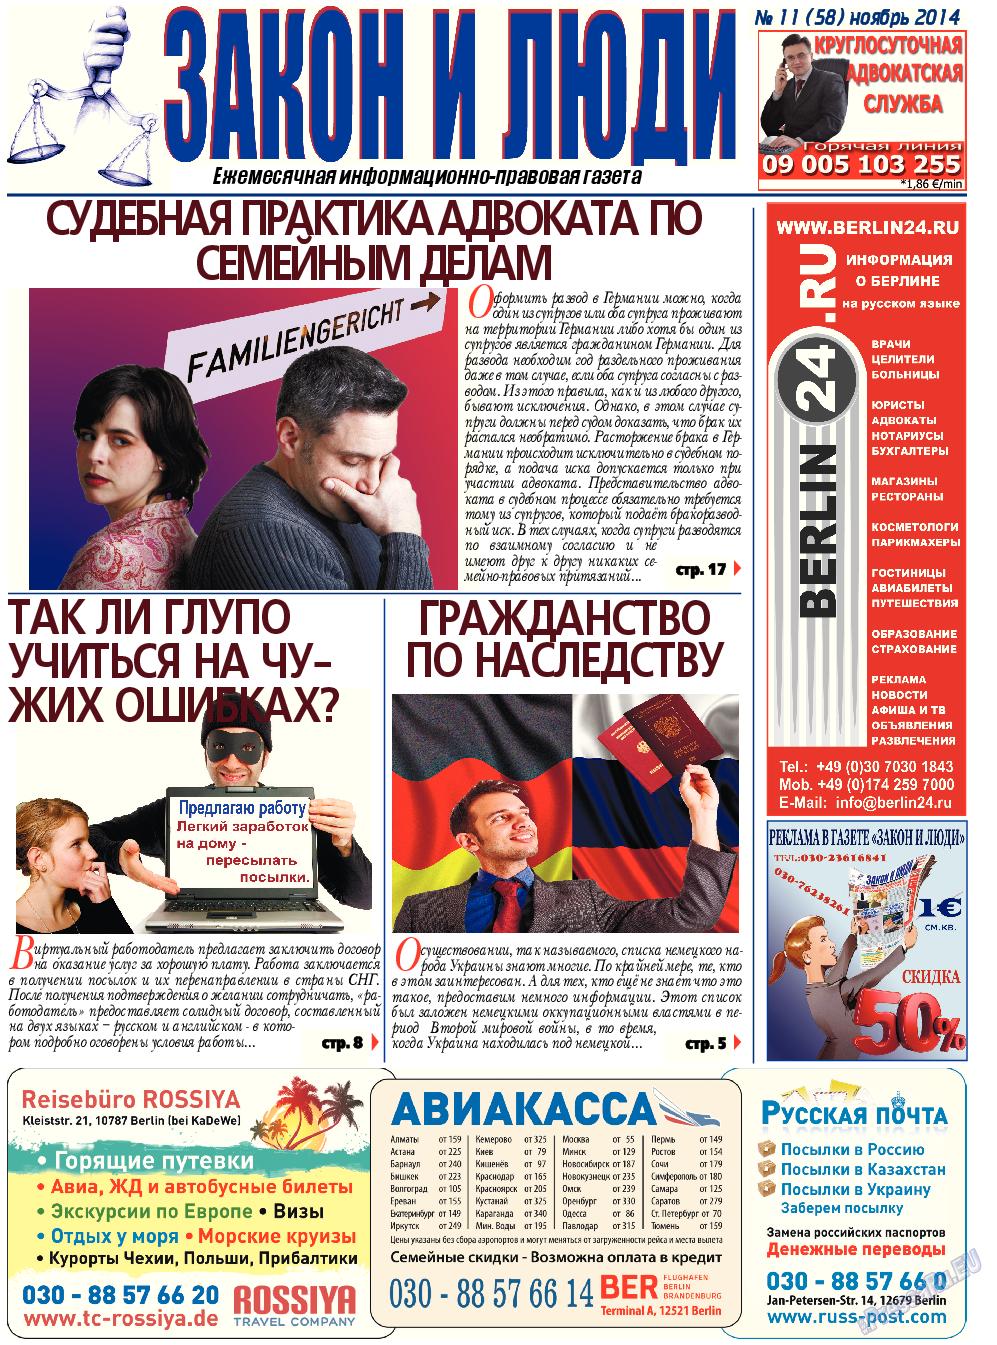 Закон и люди (газета). 2014 год, номер 11, стр. 1